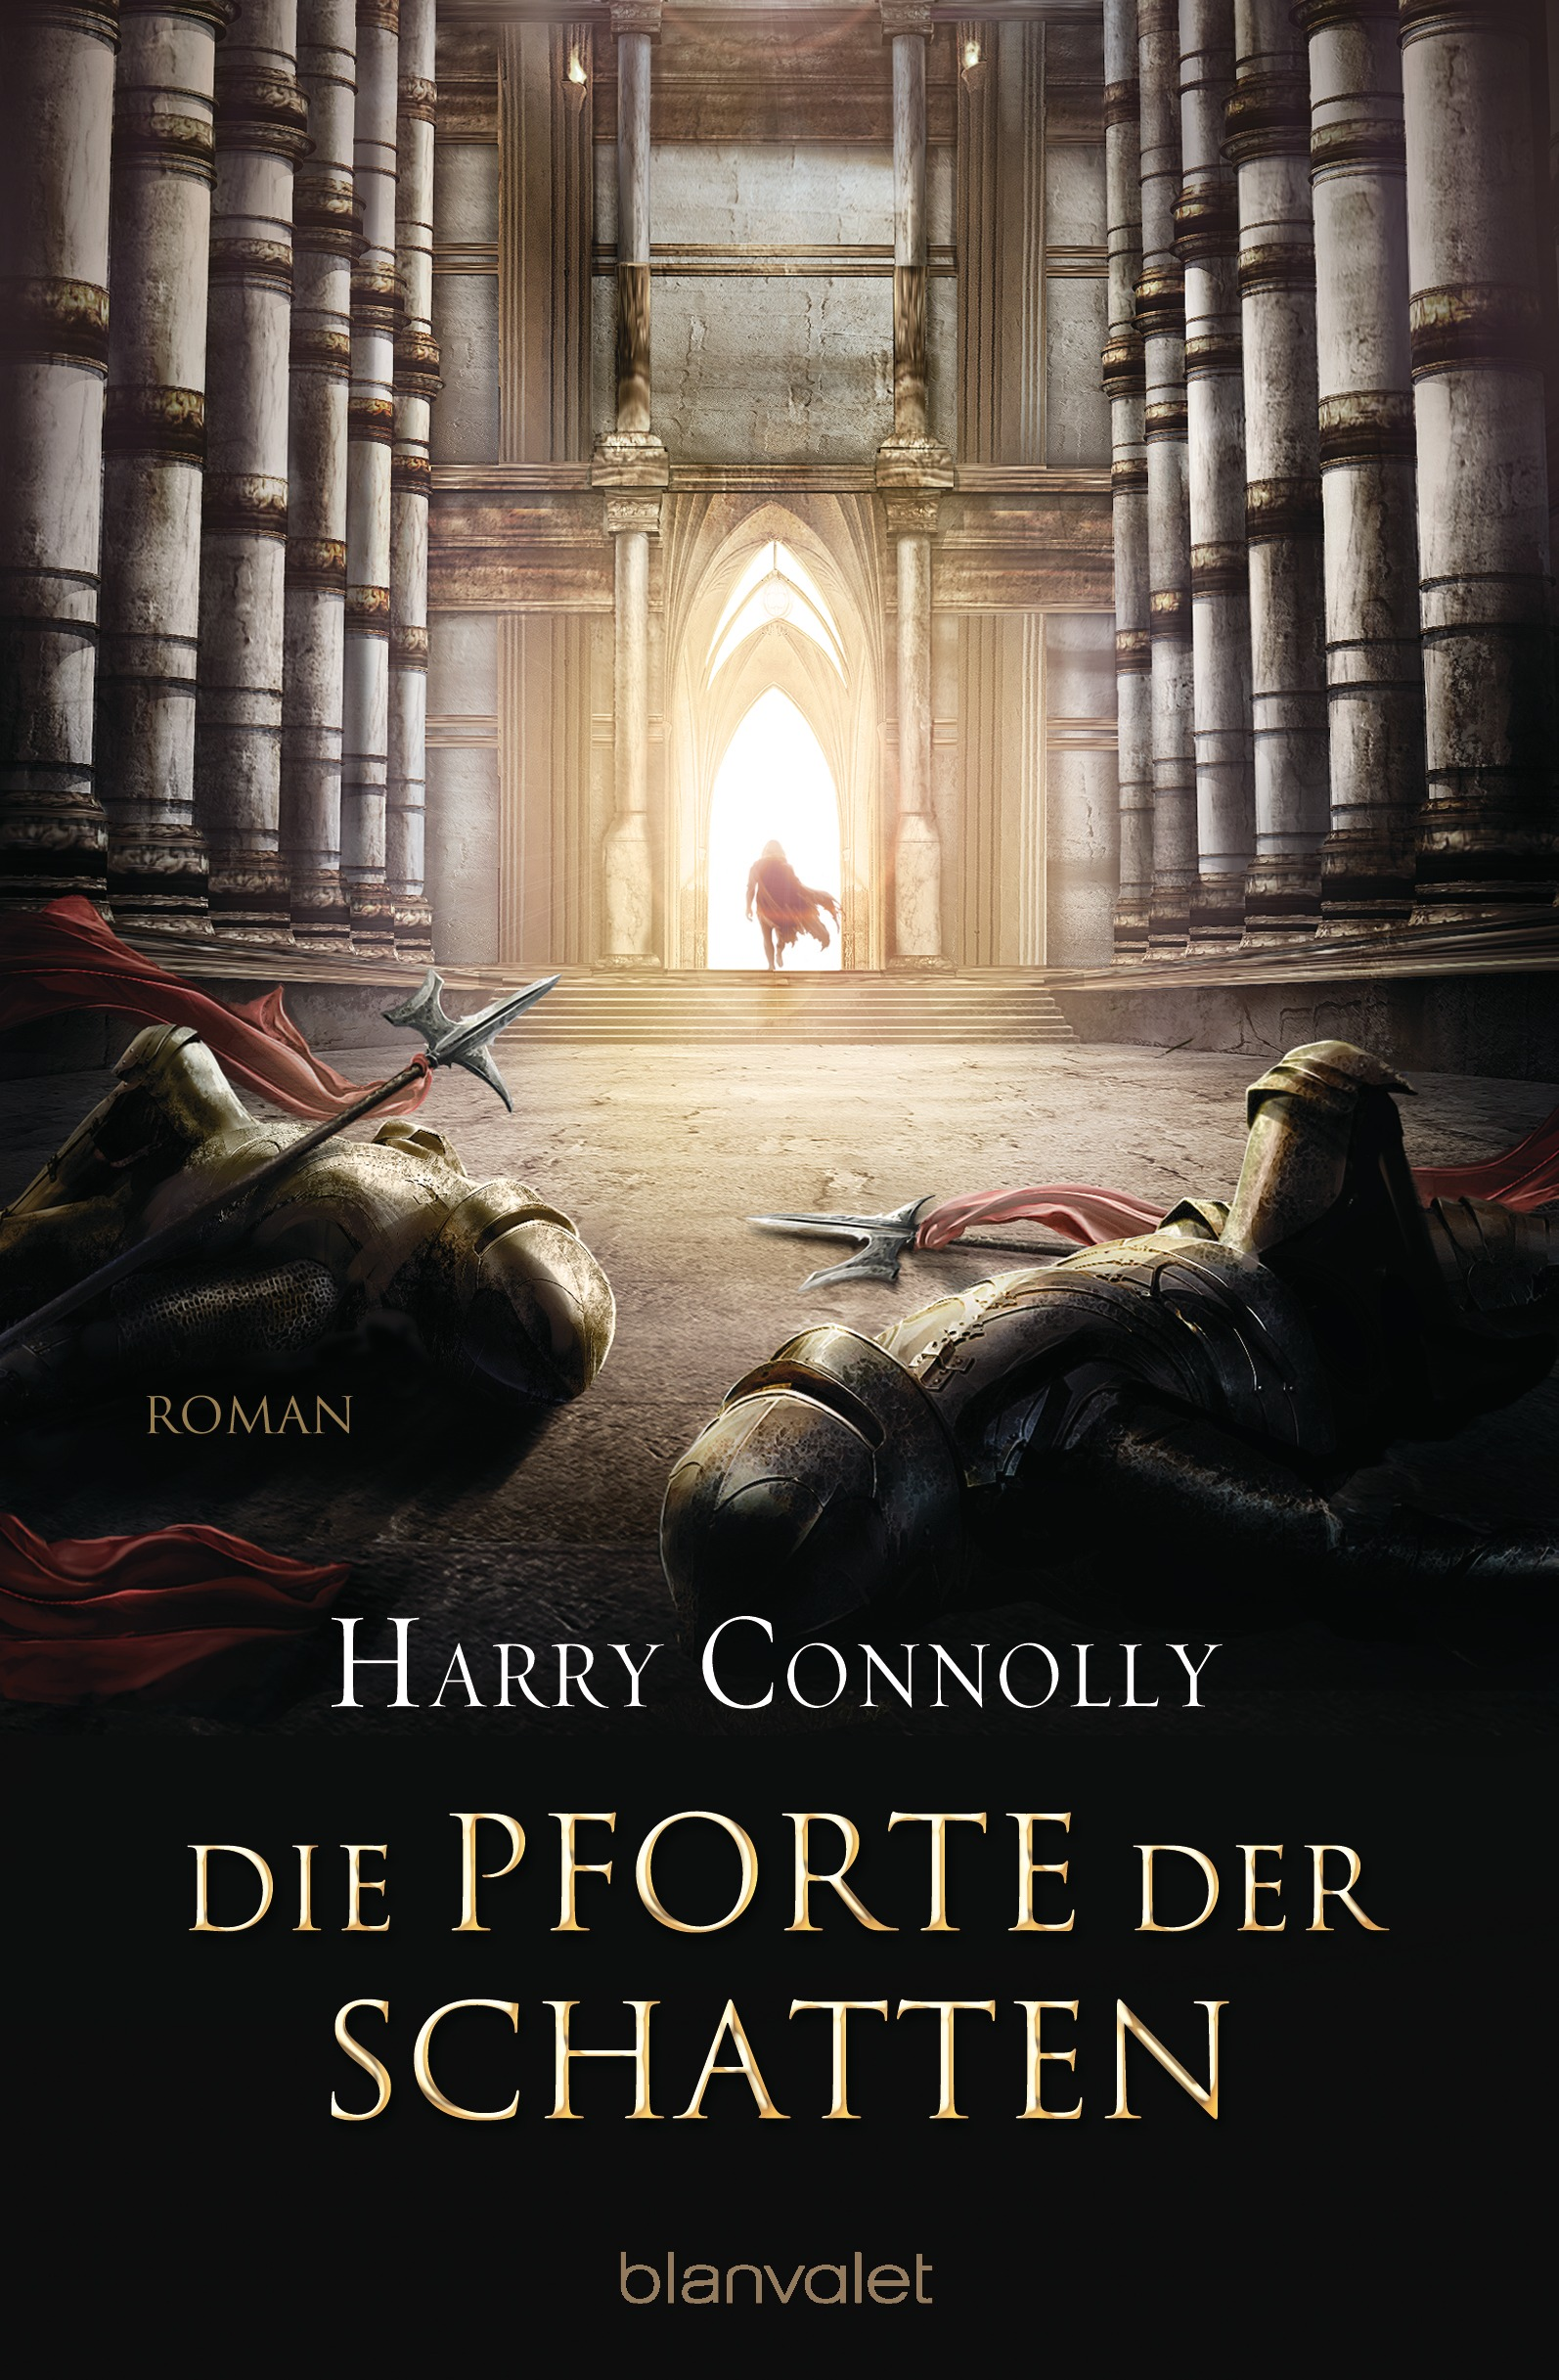 Die-Pforte-der-Schatten-Harry-Connolly